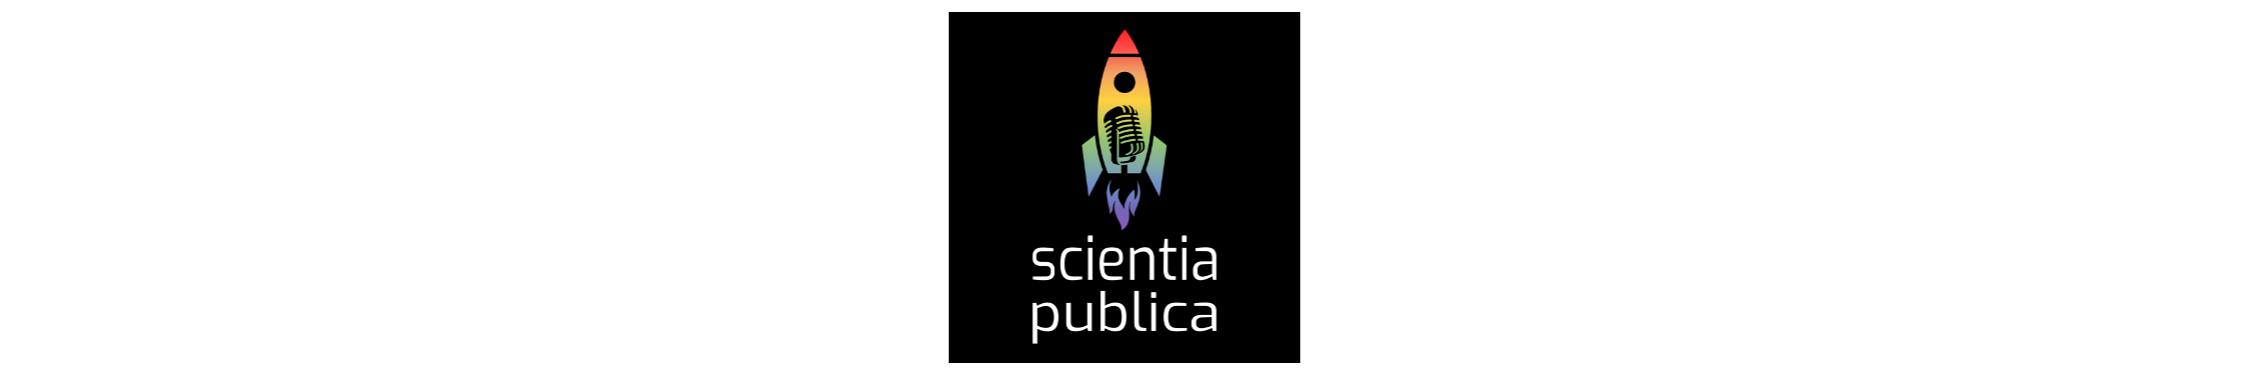 Scientia Publica